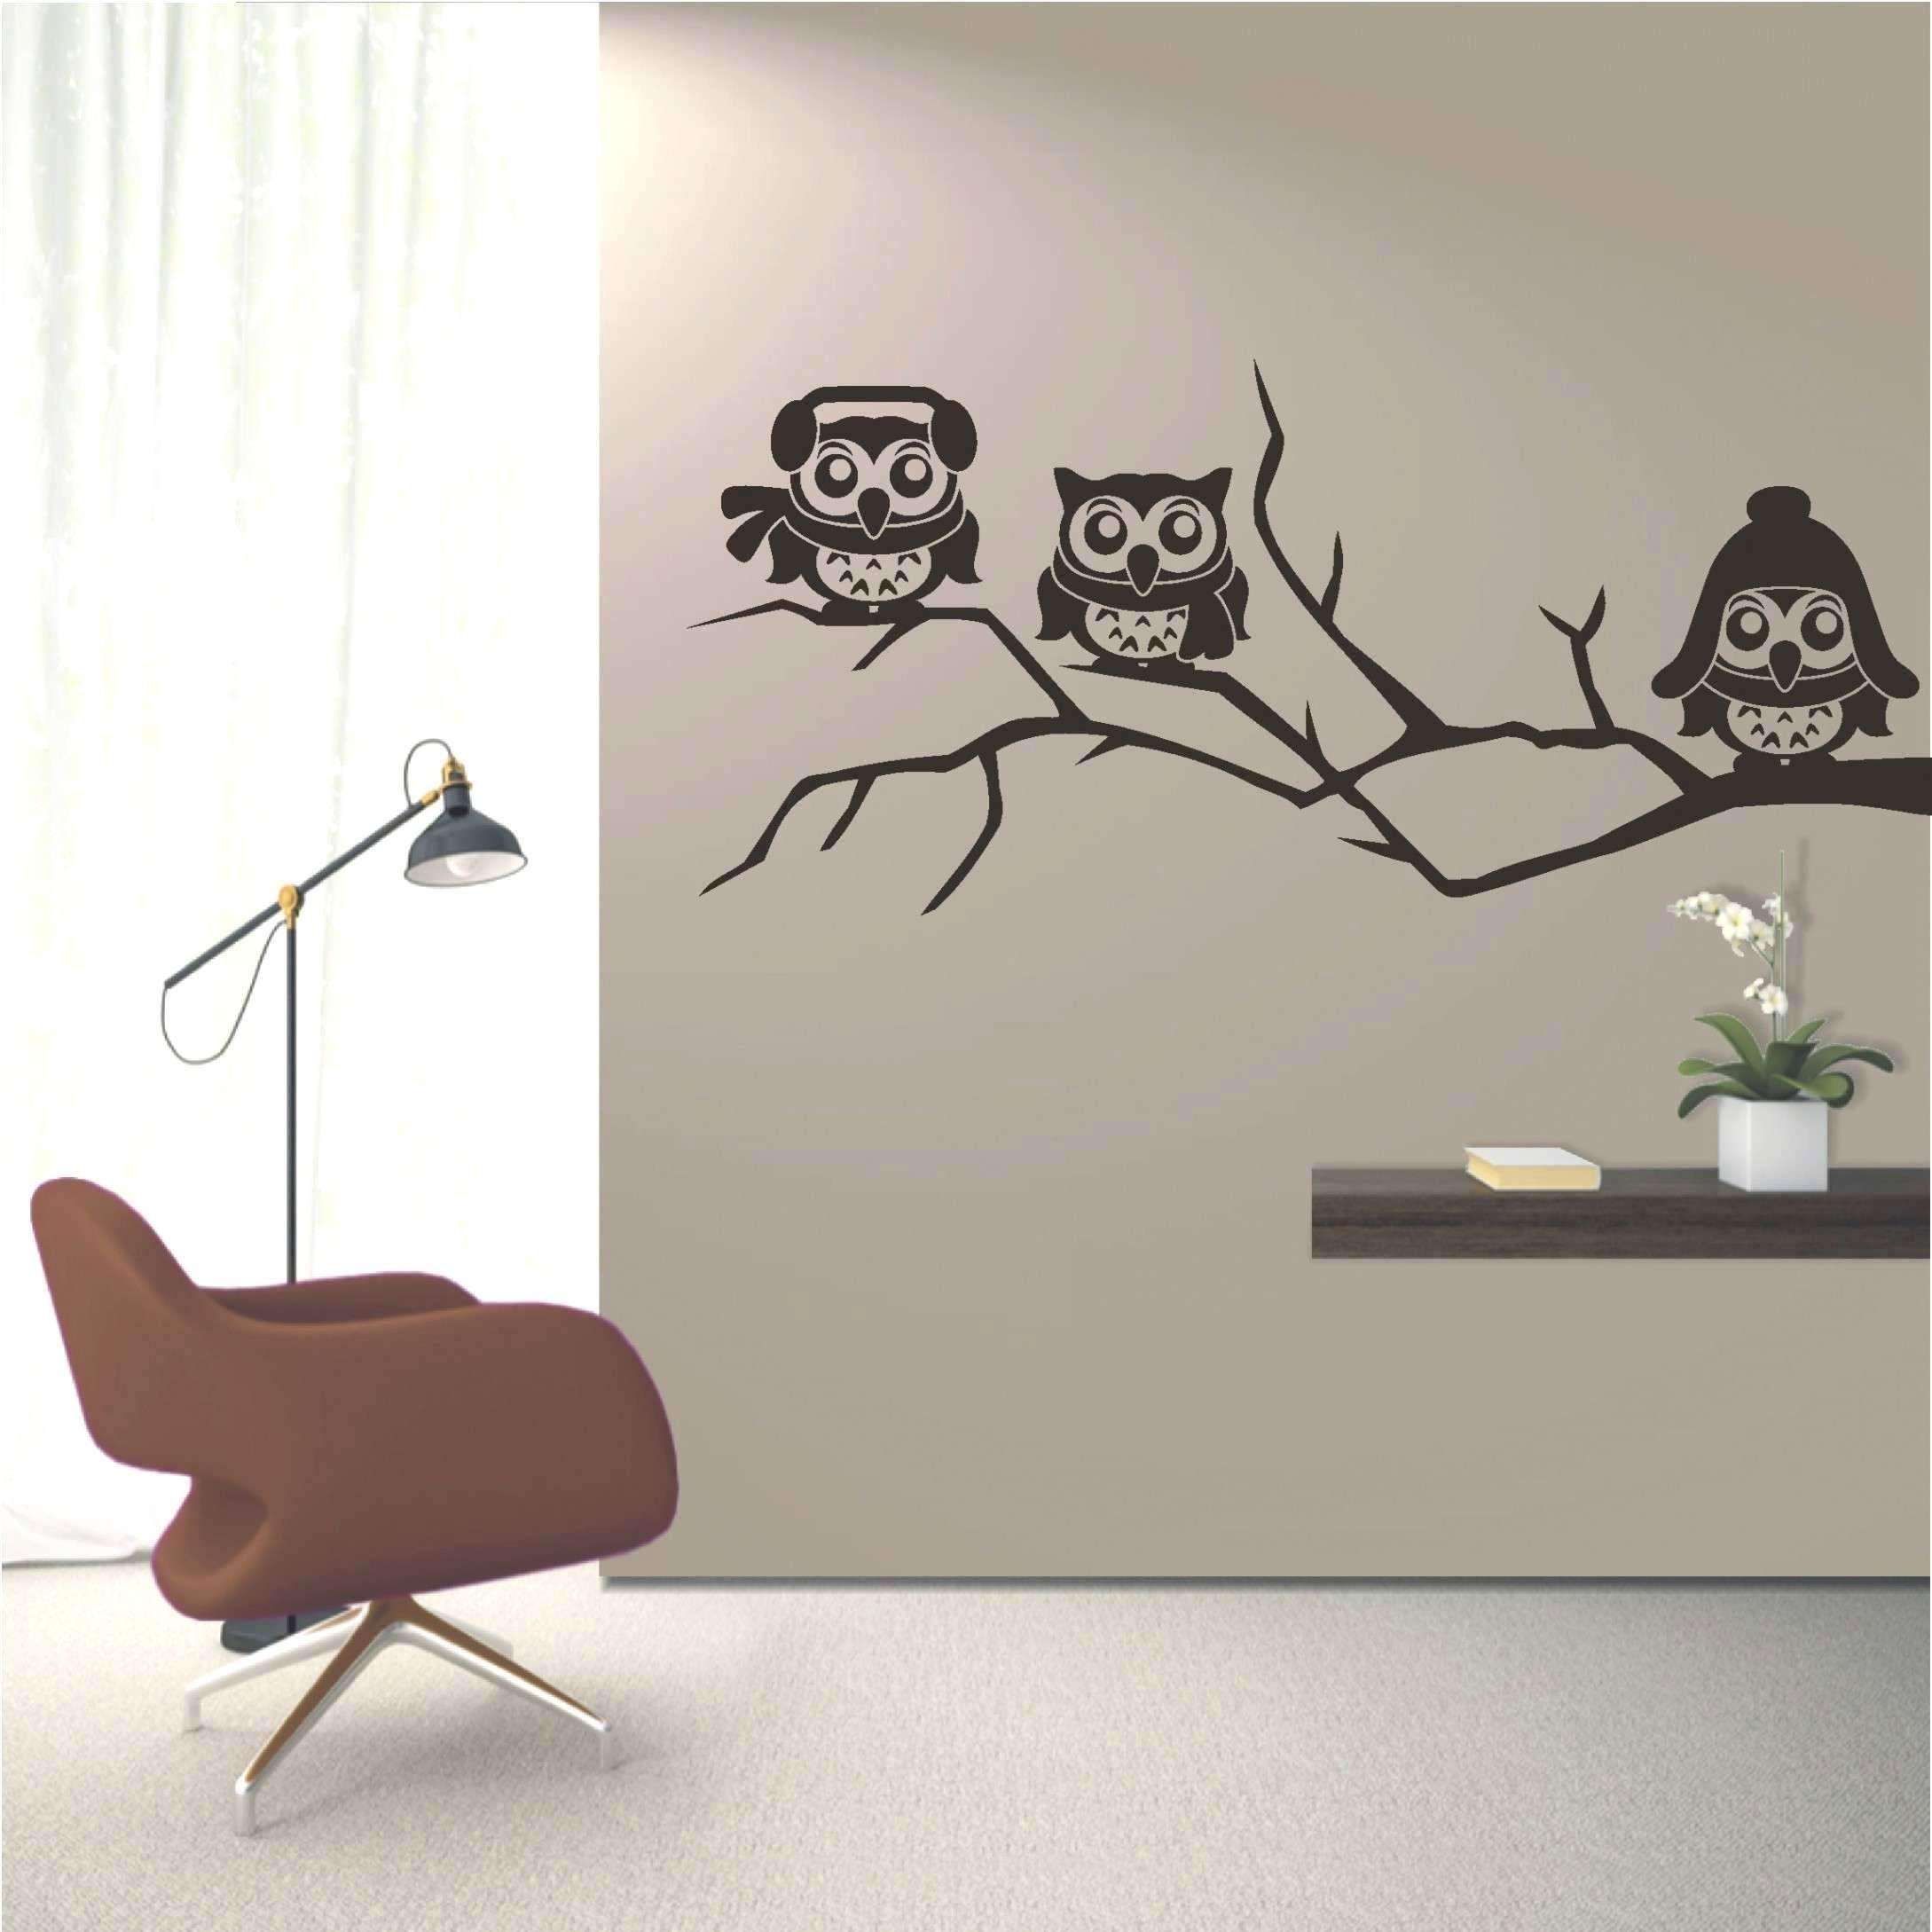 Baum Deko Garten Genial Baum Wohnzimmer Inspirierend Wandtatoo Wohnzimmer Elegant